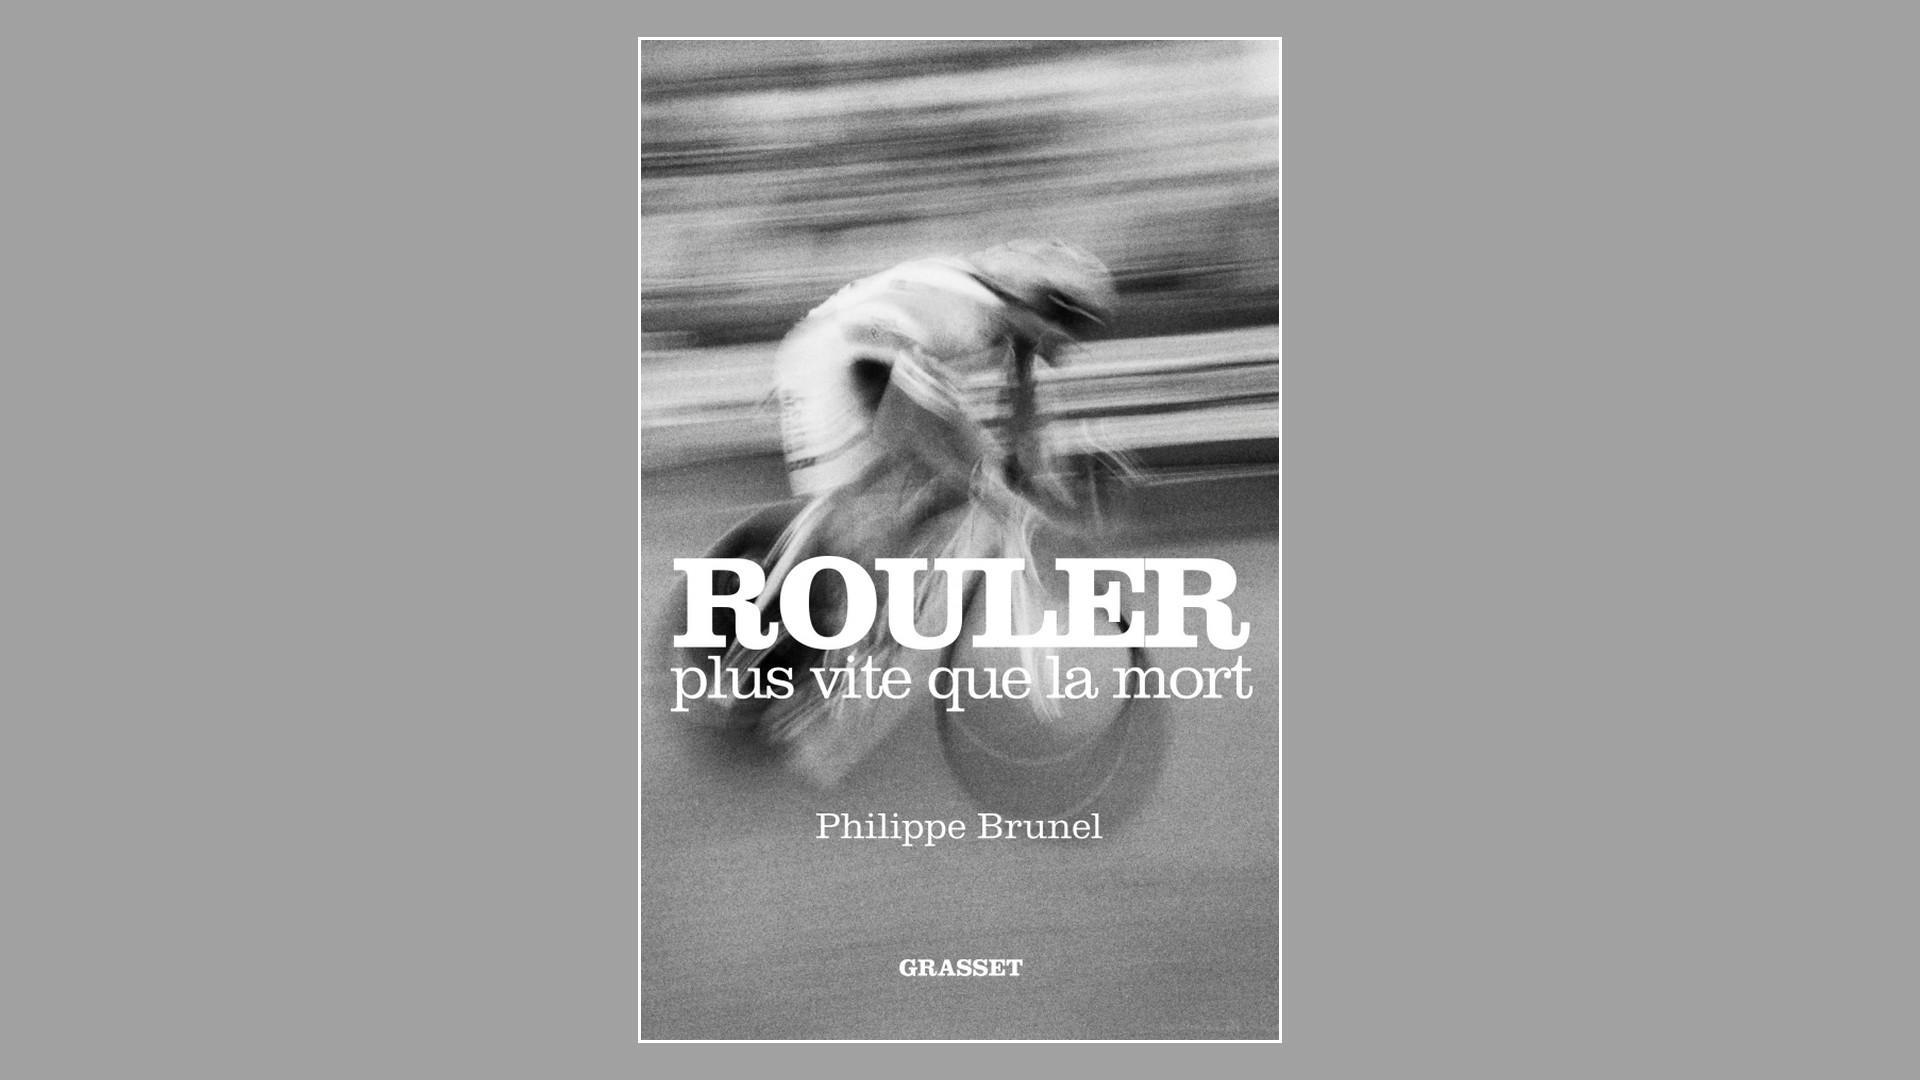 Livres – Rouler plus vite que la mort – Philippe Brunel (2018)